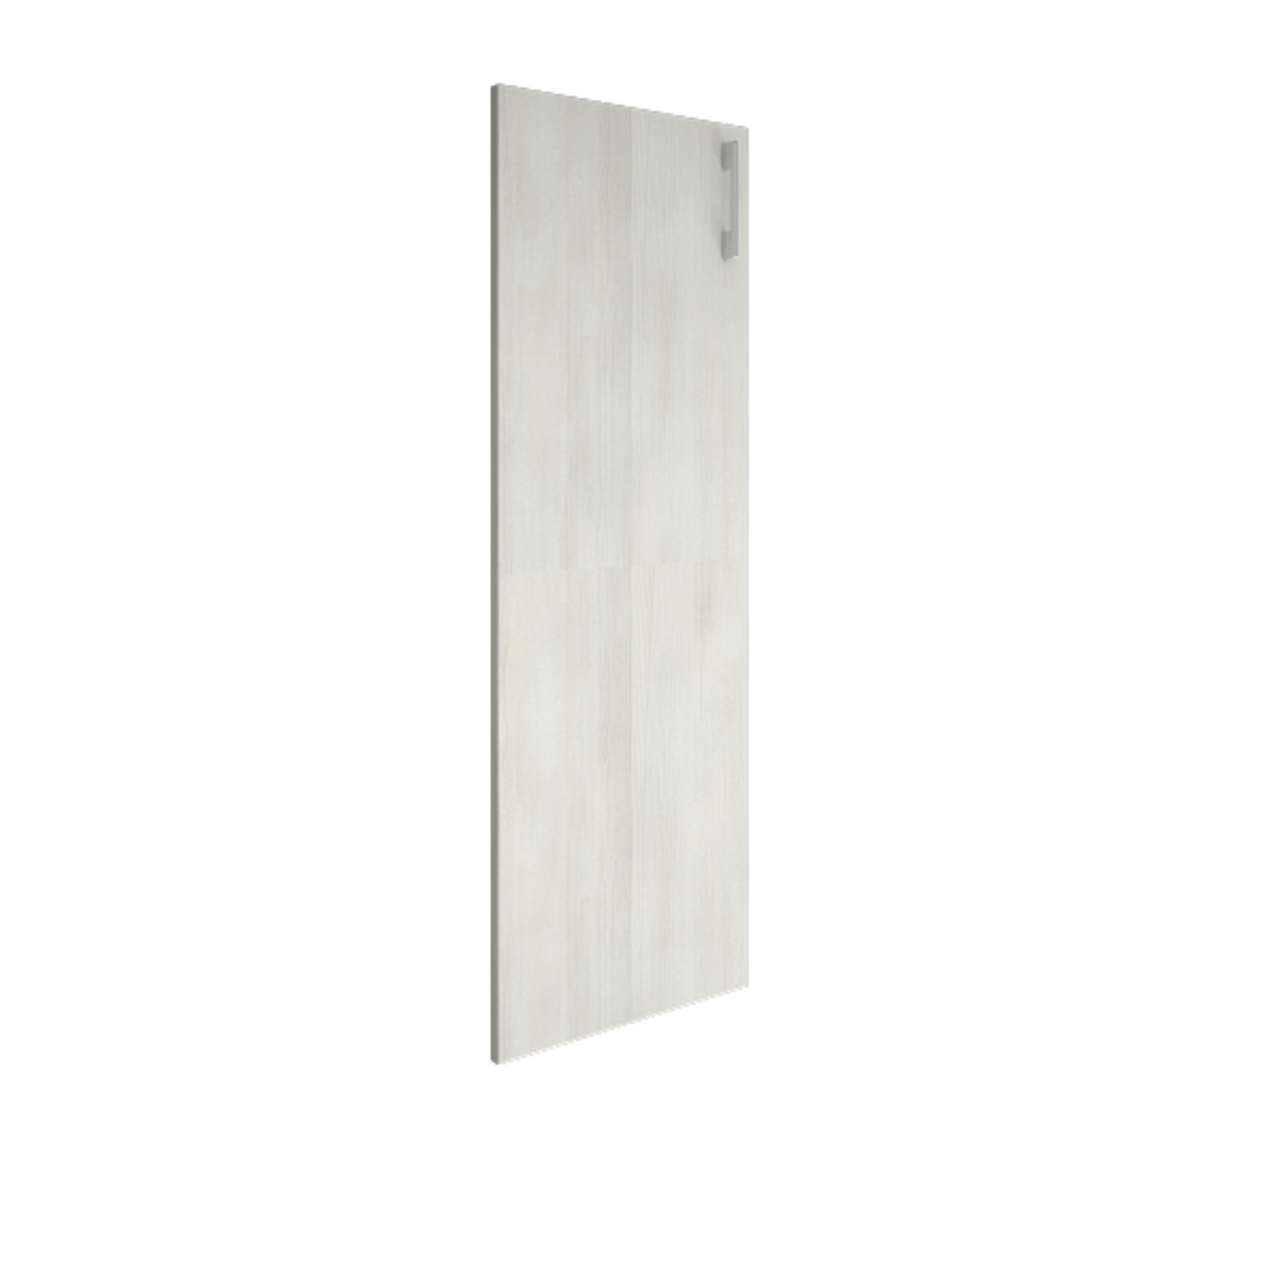 Дверь дсп средняя левая - фото 2